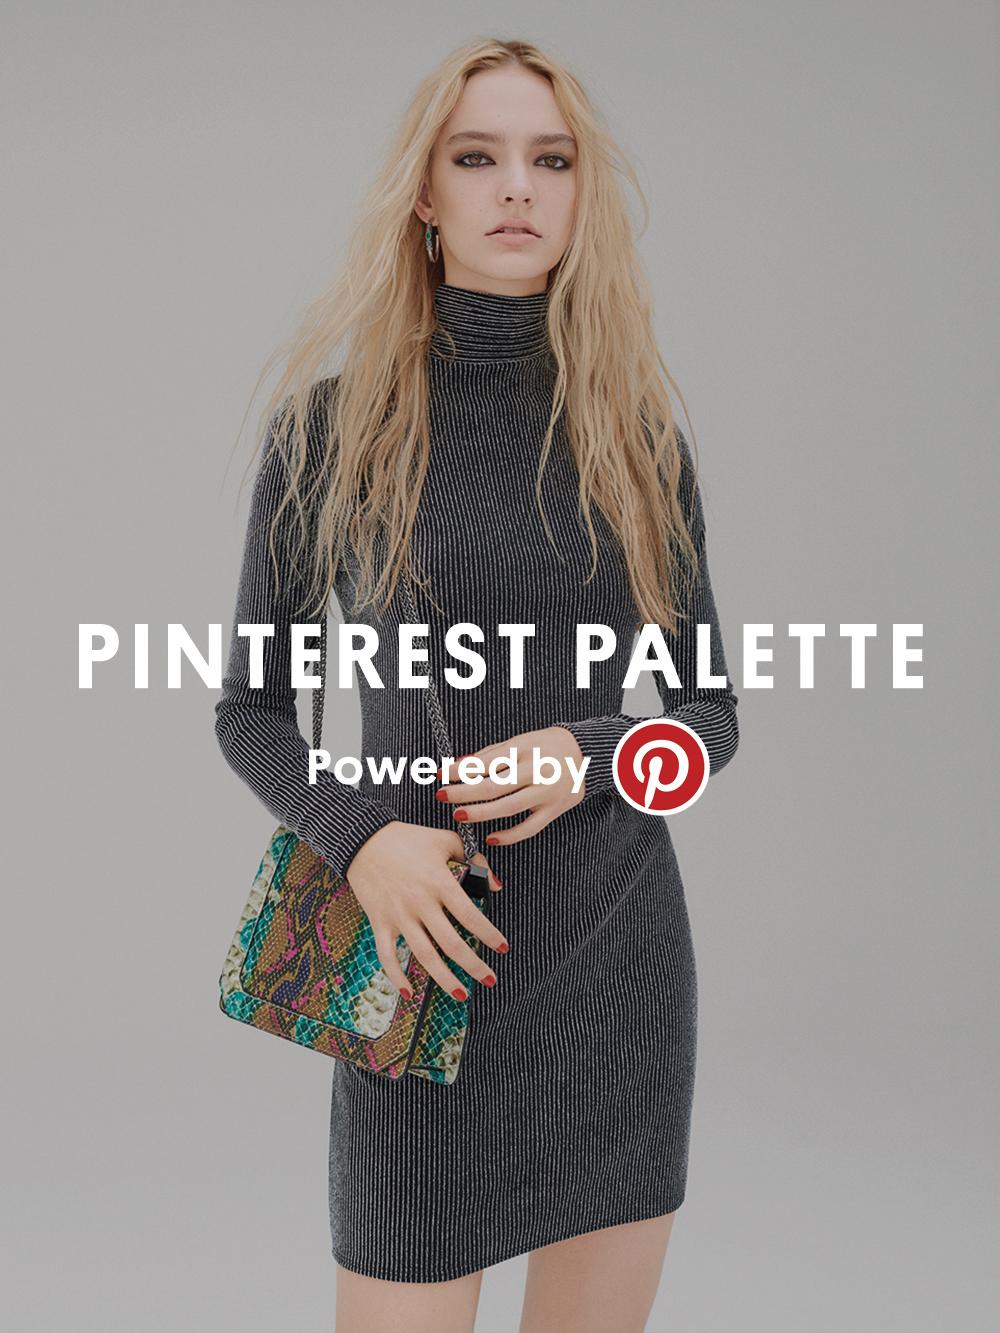 pinterest-palette-campaign-image